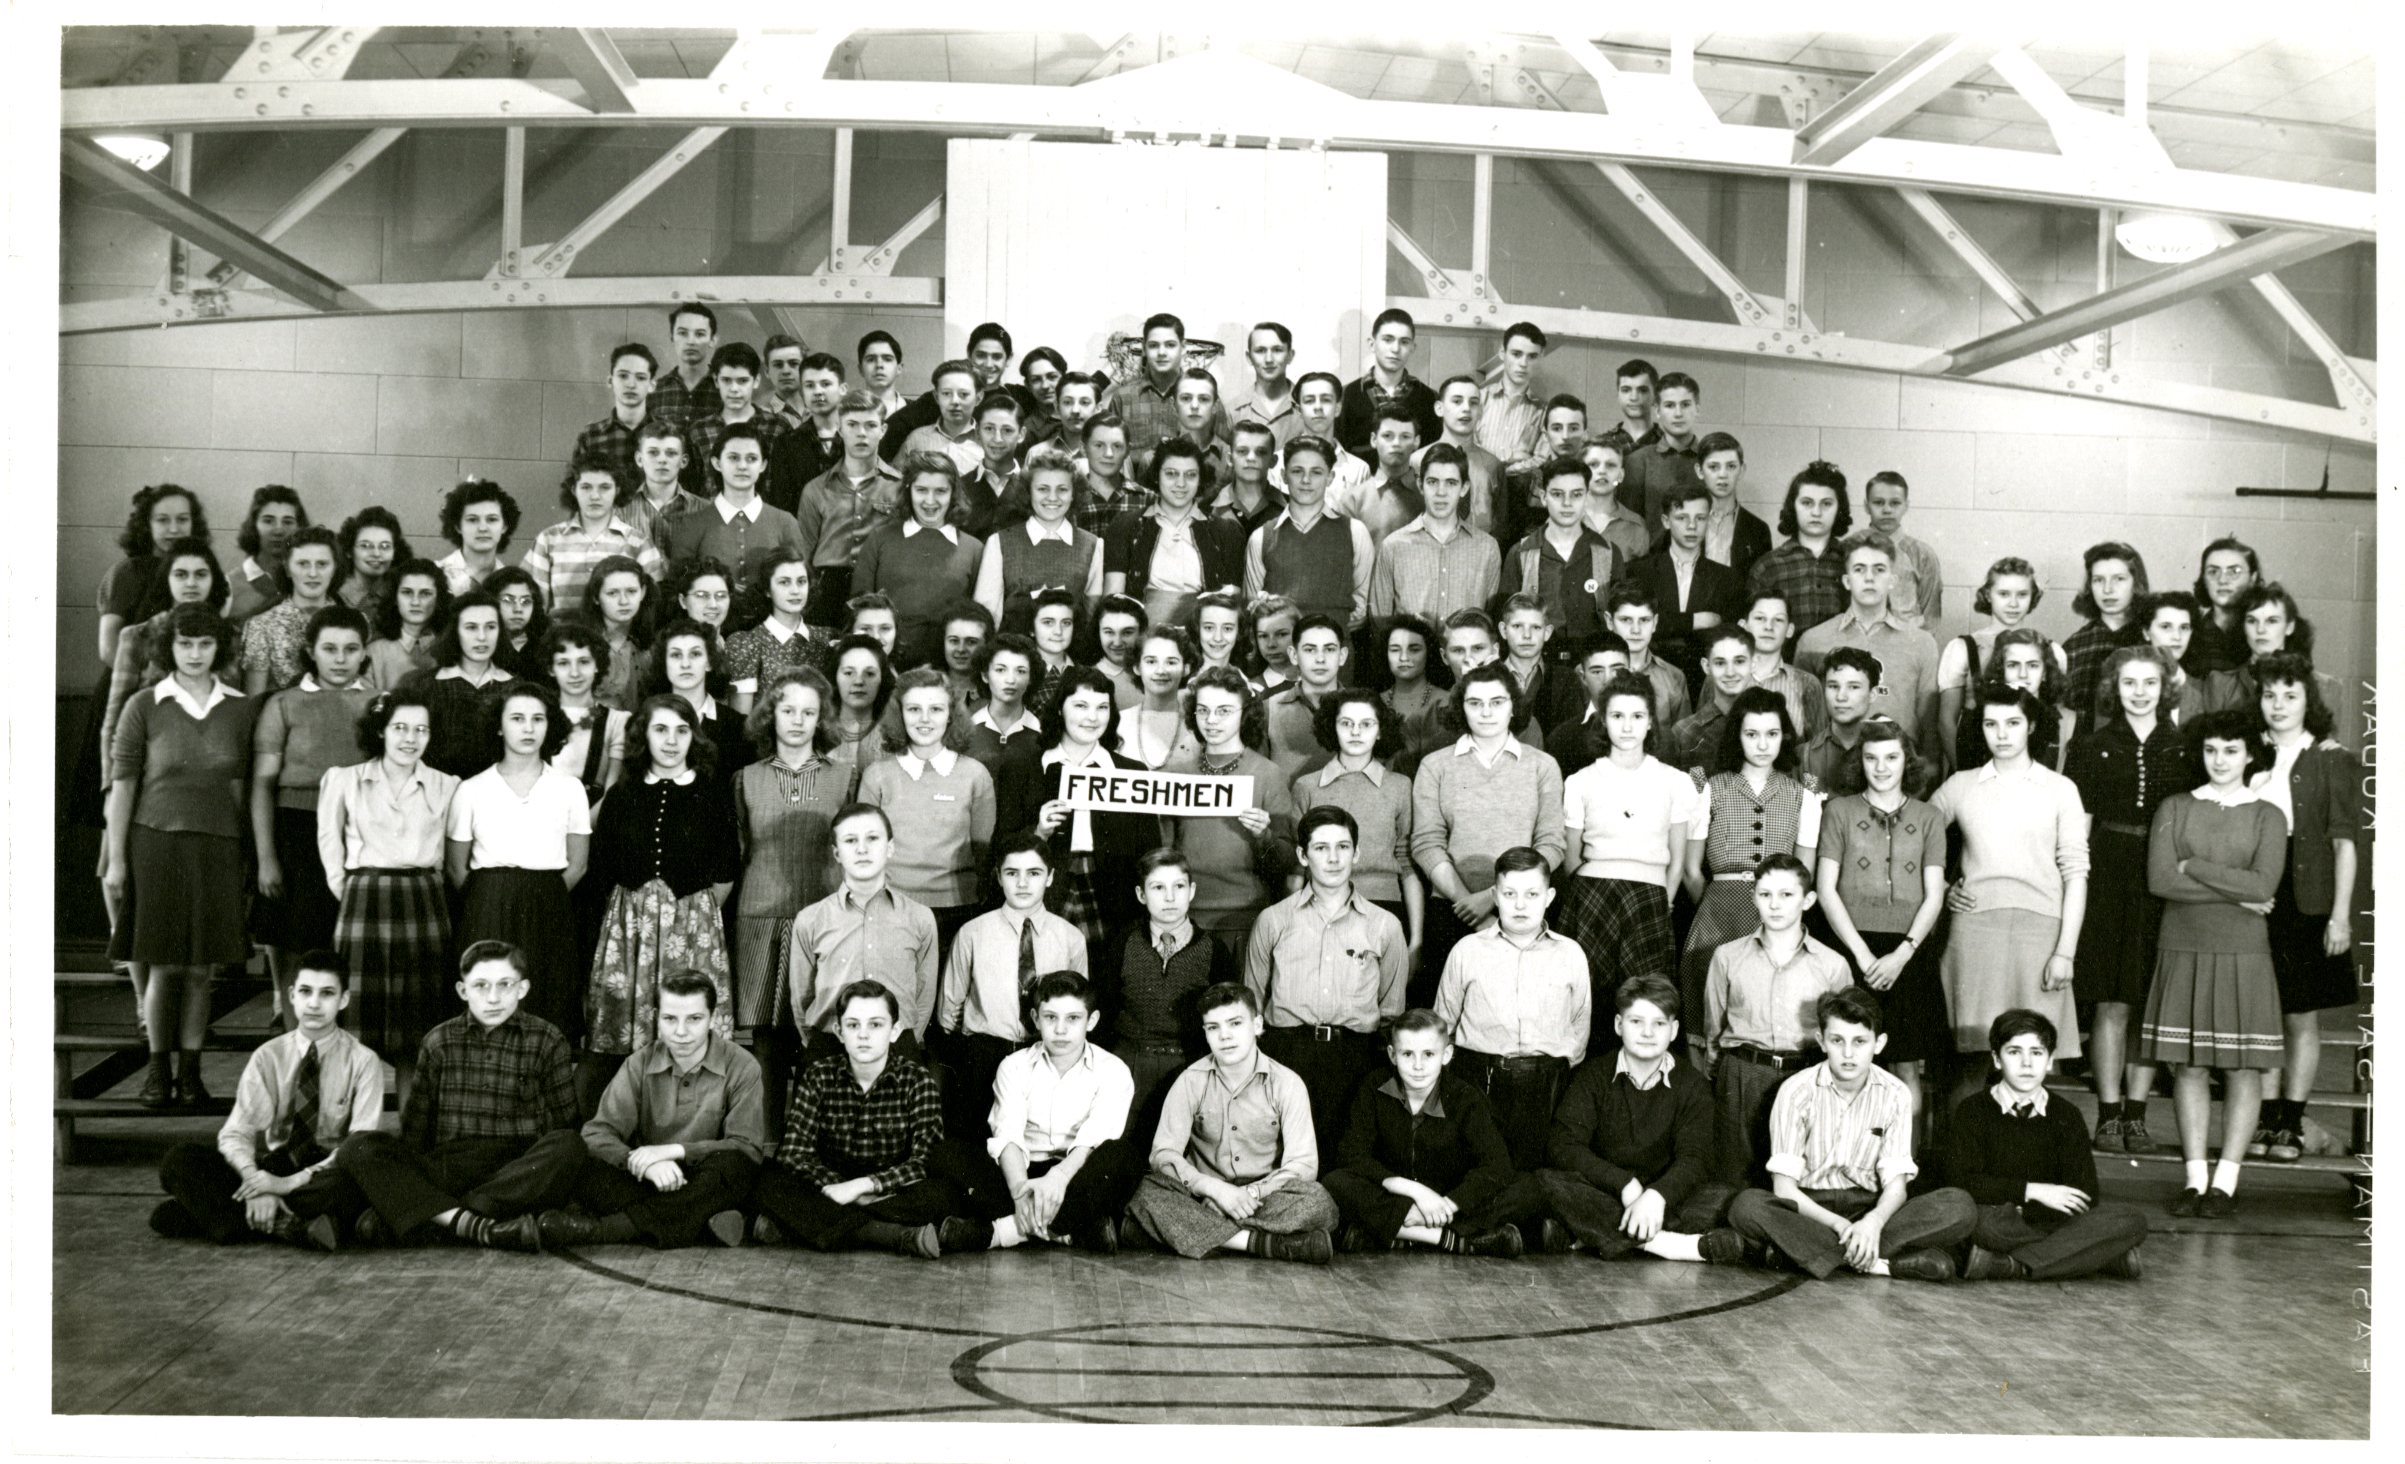 Naperville High School Freshman Class